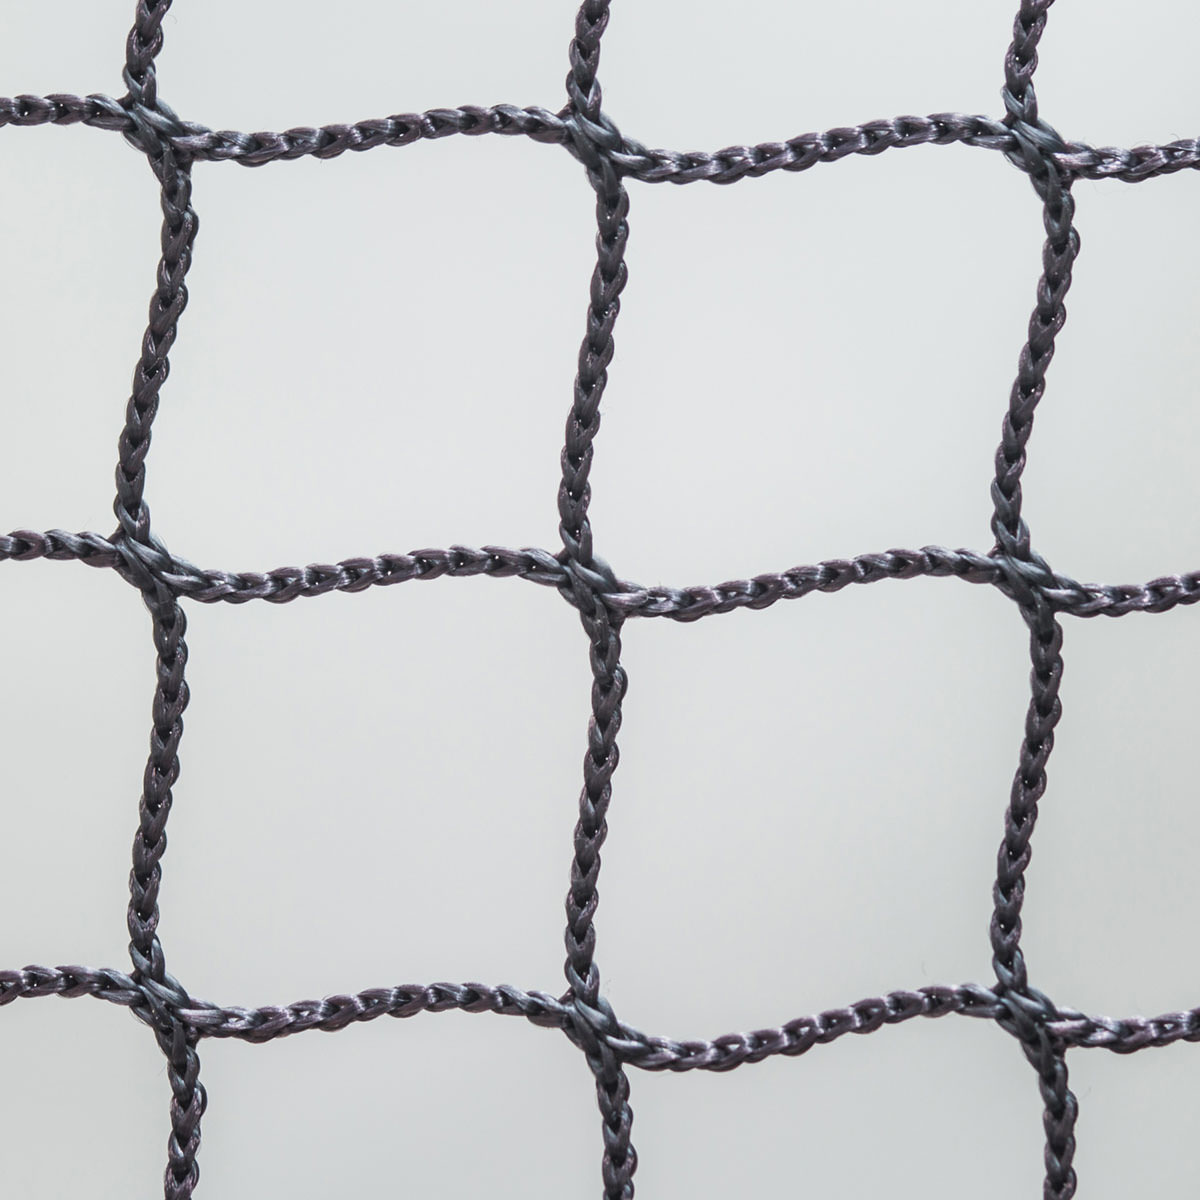 【規格サイズ品】難燃ポリエステル25mm角グレー